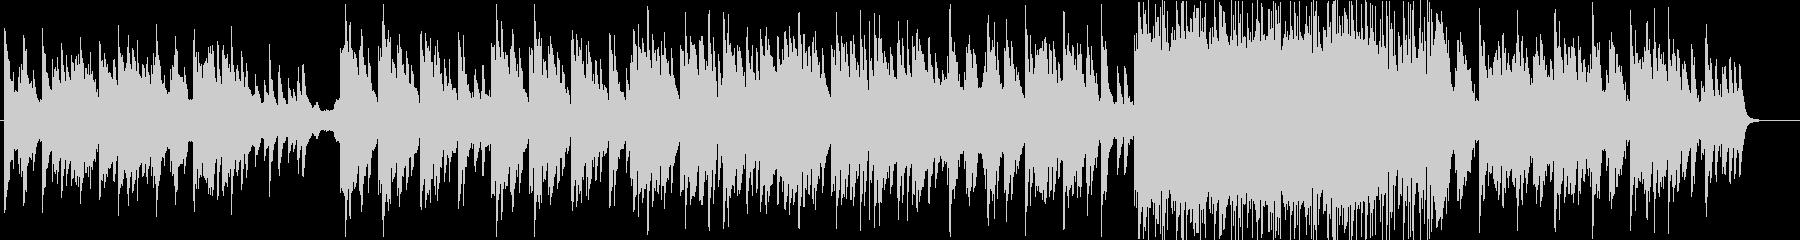 感動的で少し切ないピアノエレクトロニカの未再生の波形